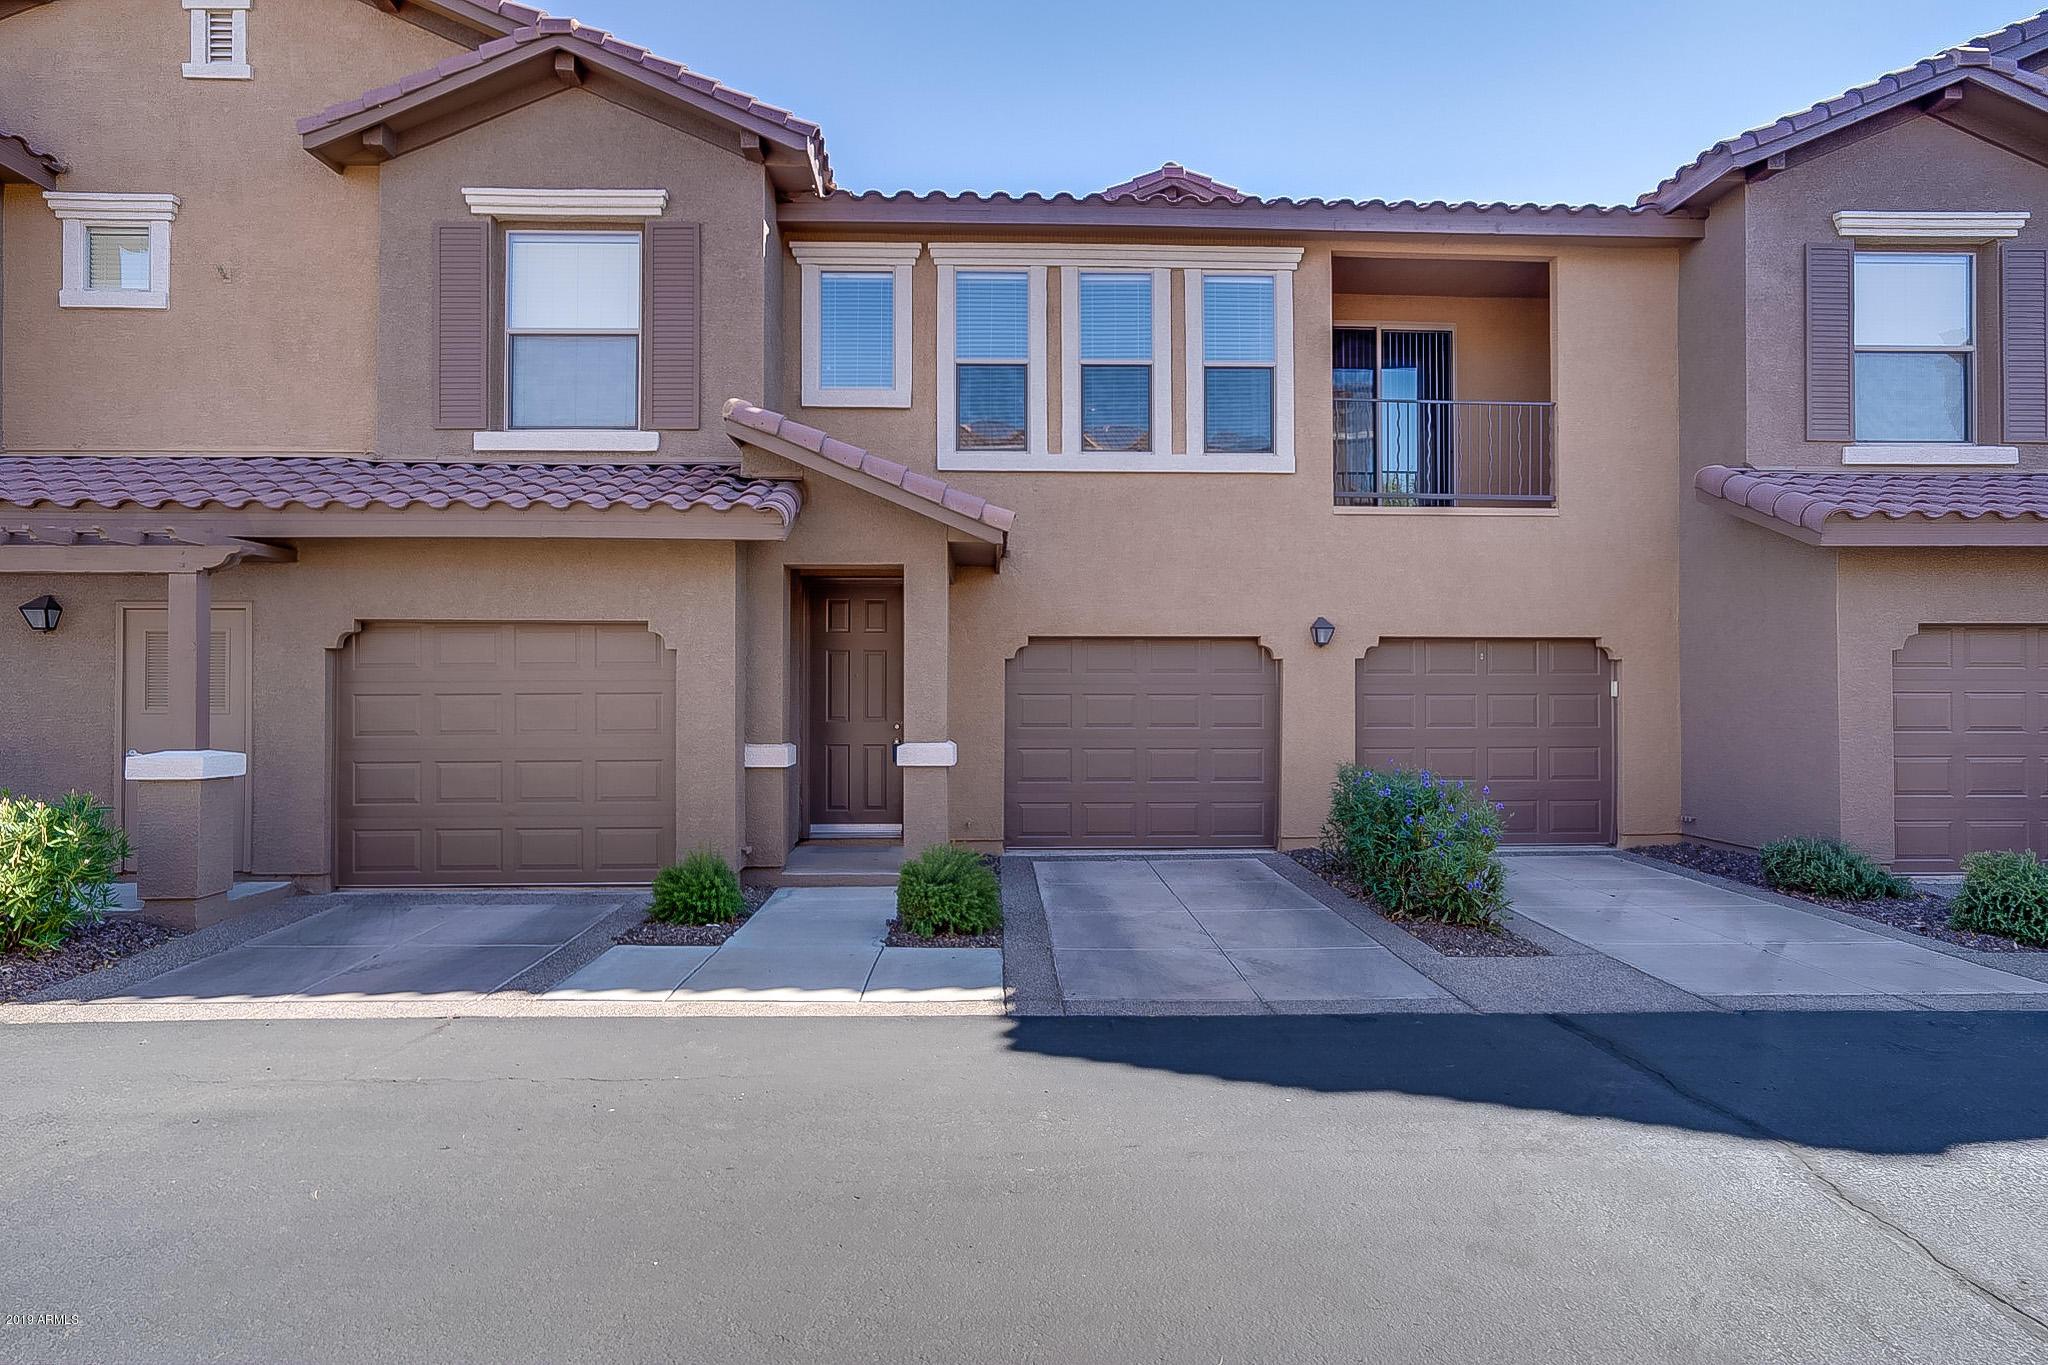 Photo of 14250 W WIGWAM Boulevard #1224, Litchfield Park, AZ 85340